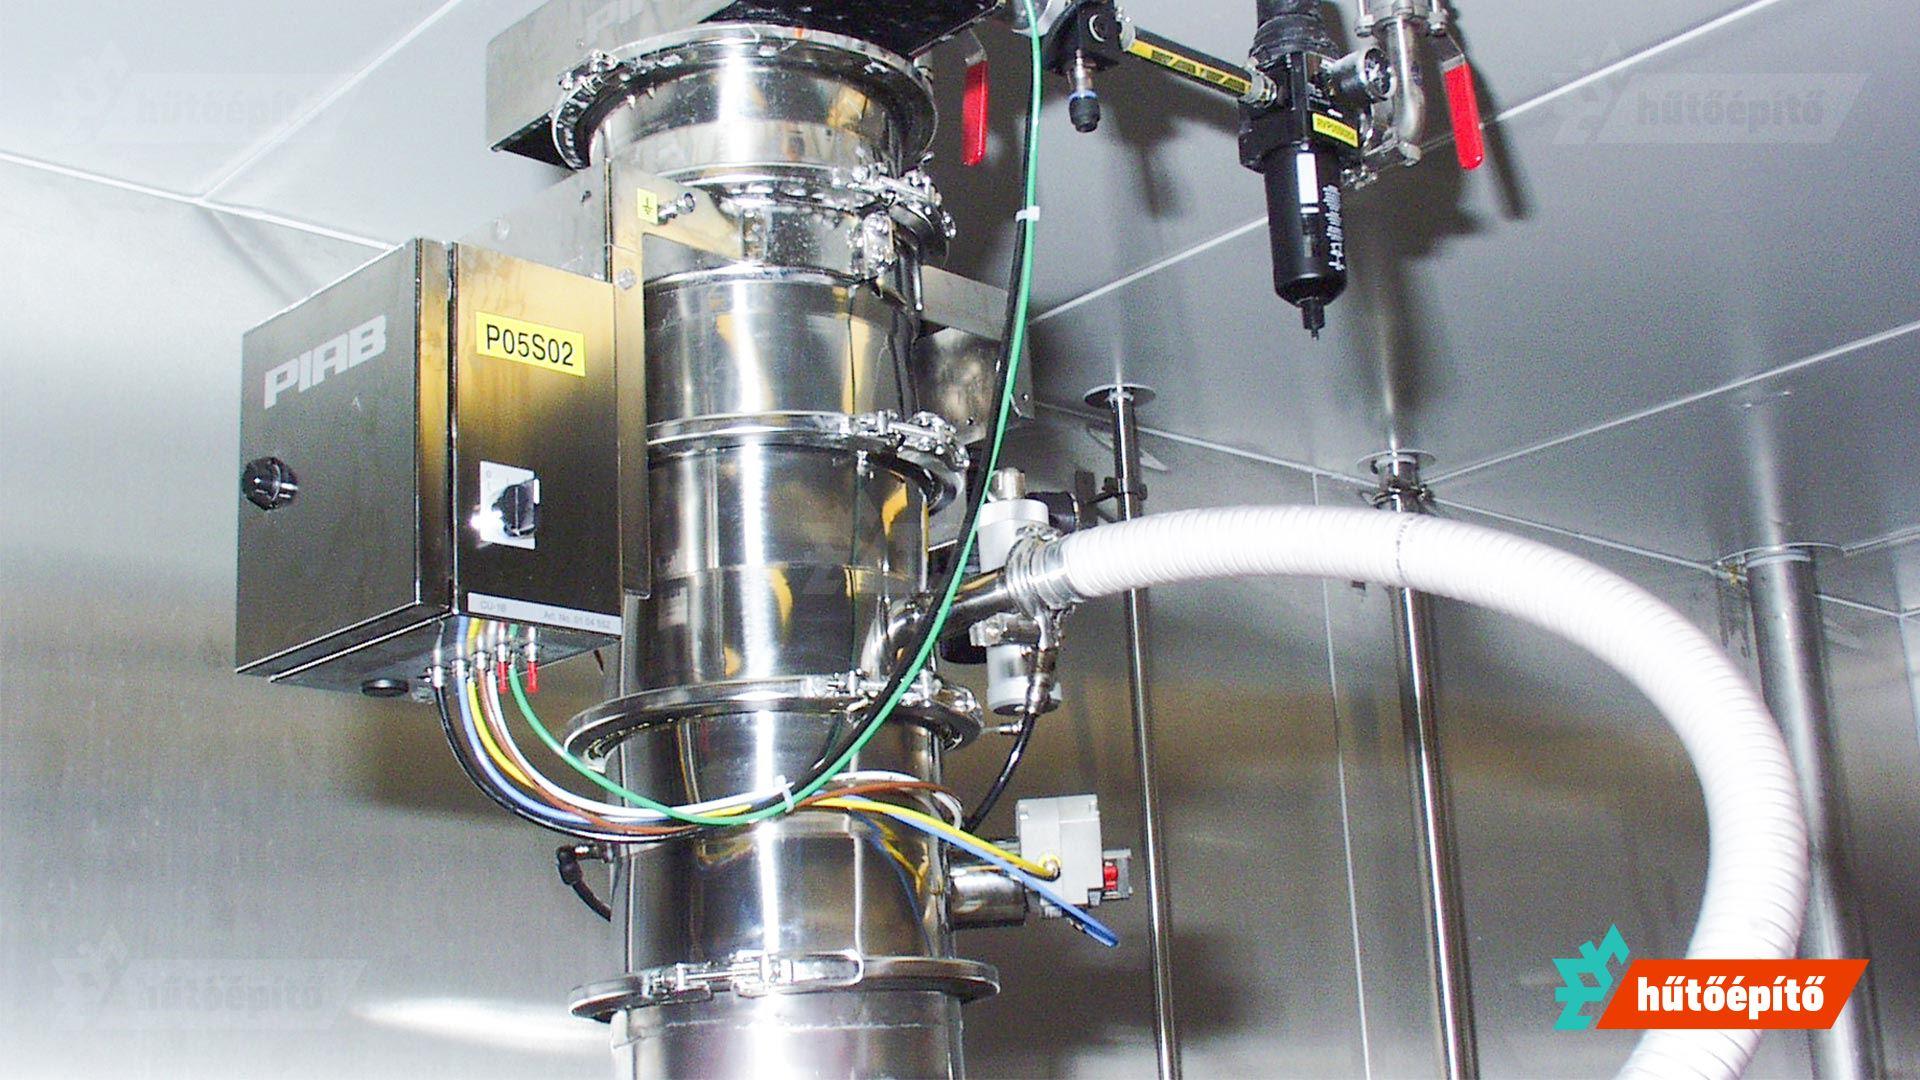 hűtőépíto klíma és teszt teszkamra berendezése